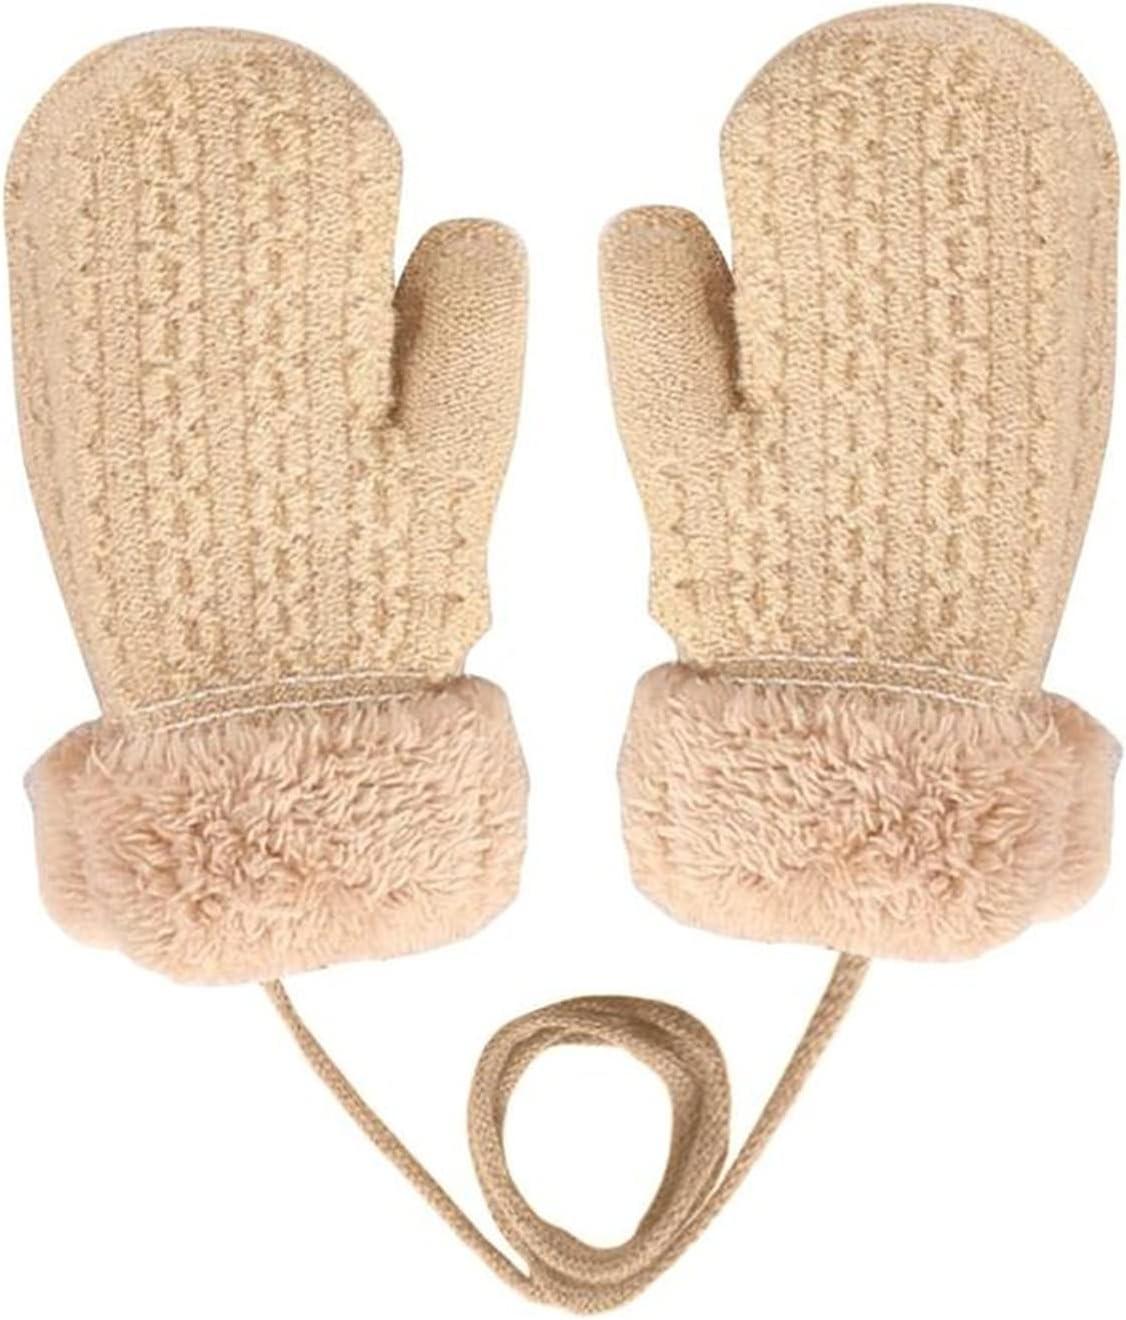 LANREN Winter Baby Boys Girls Knitted Gloves Warm Rope for Children Mittens Kids Winter Gloves Gloves Toddler Full (Color : D)